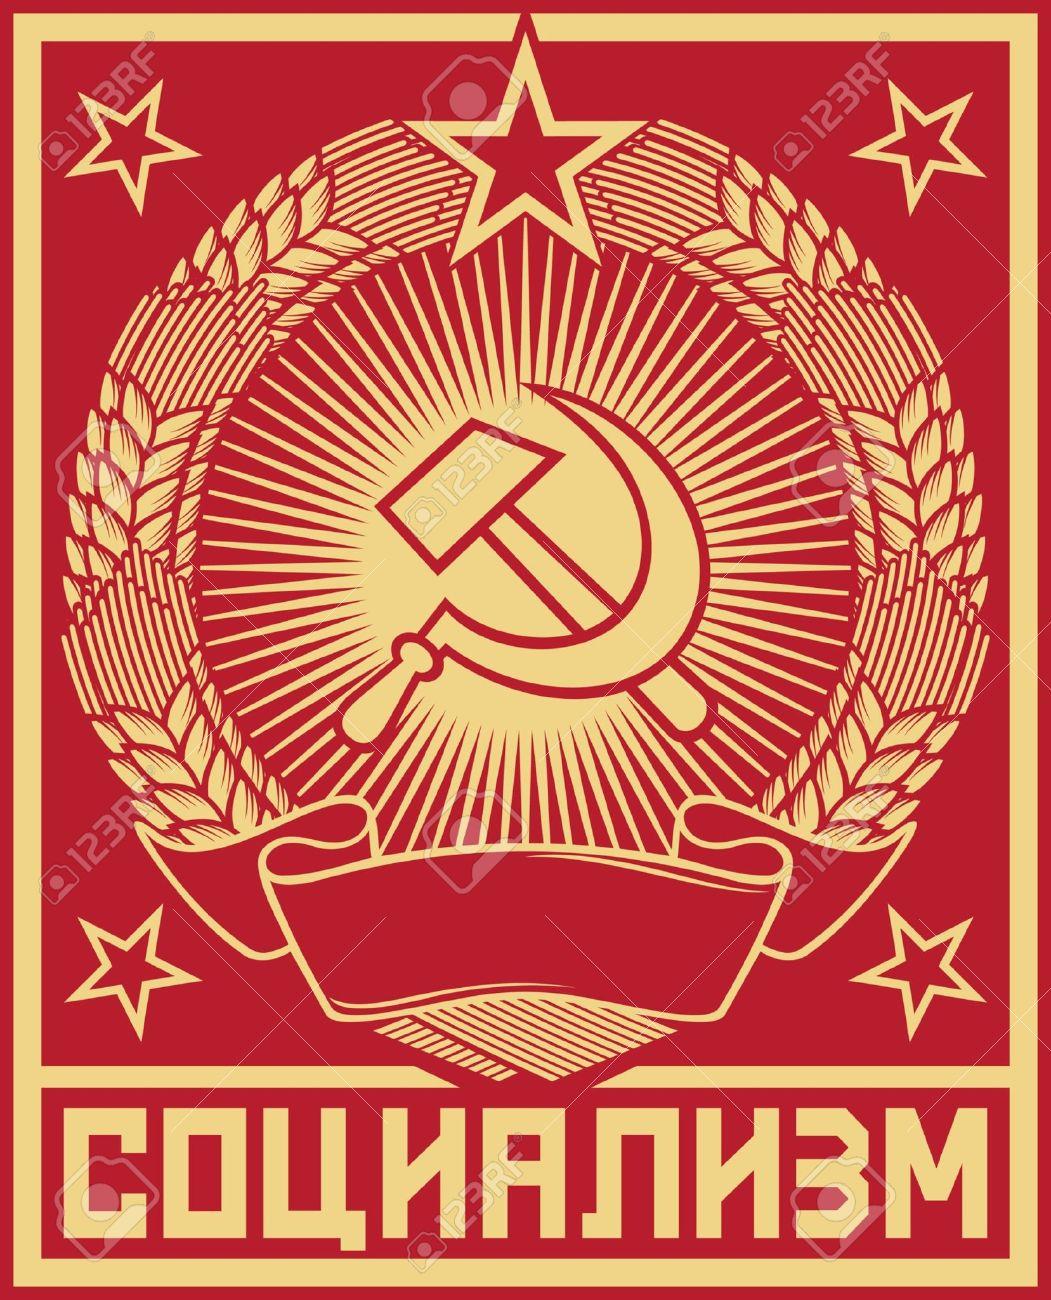 socialism poster ussr poster soviet poster socialism poster